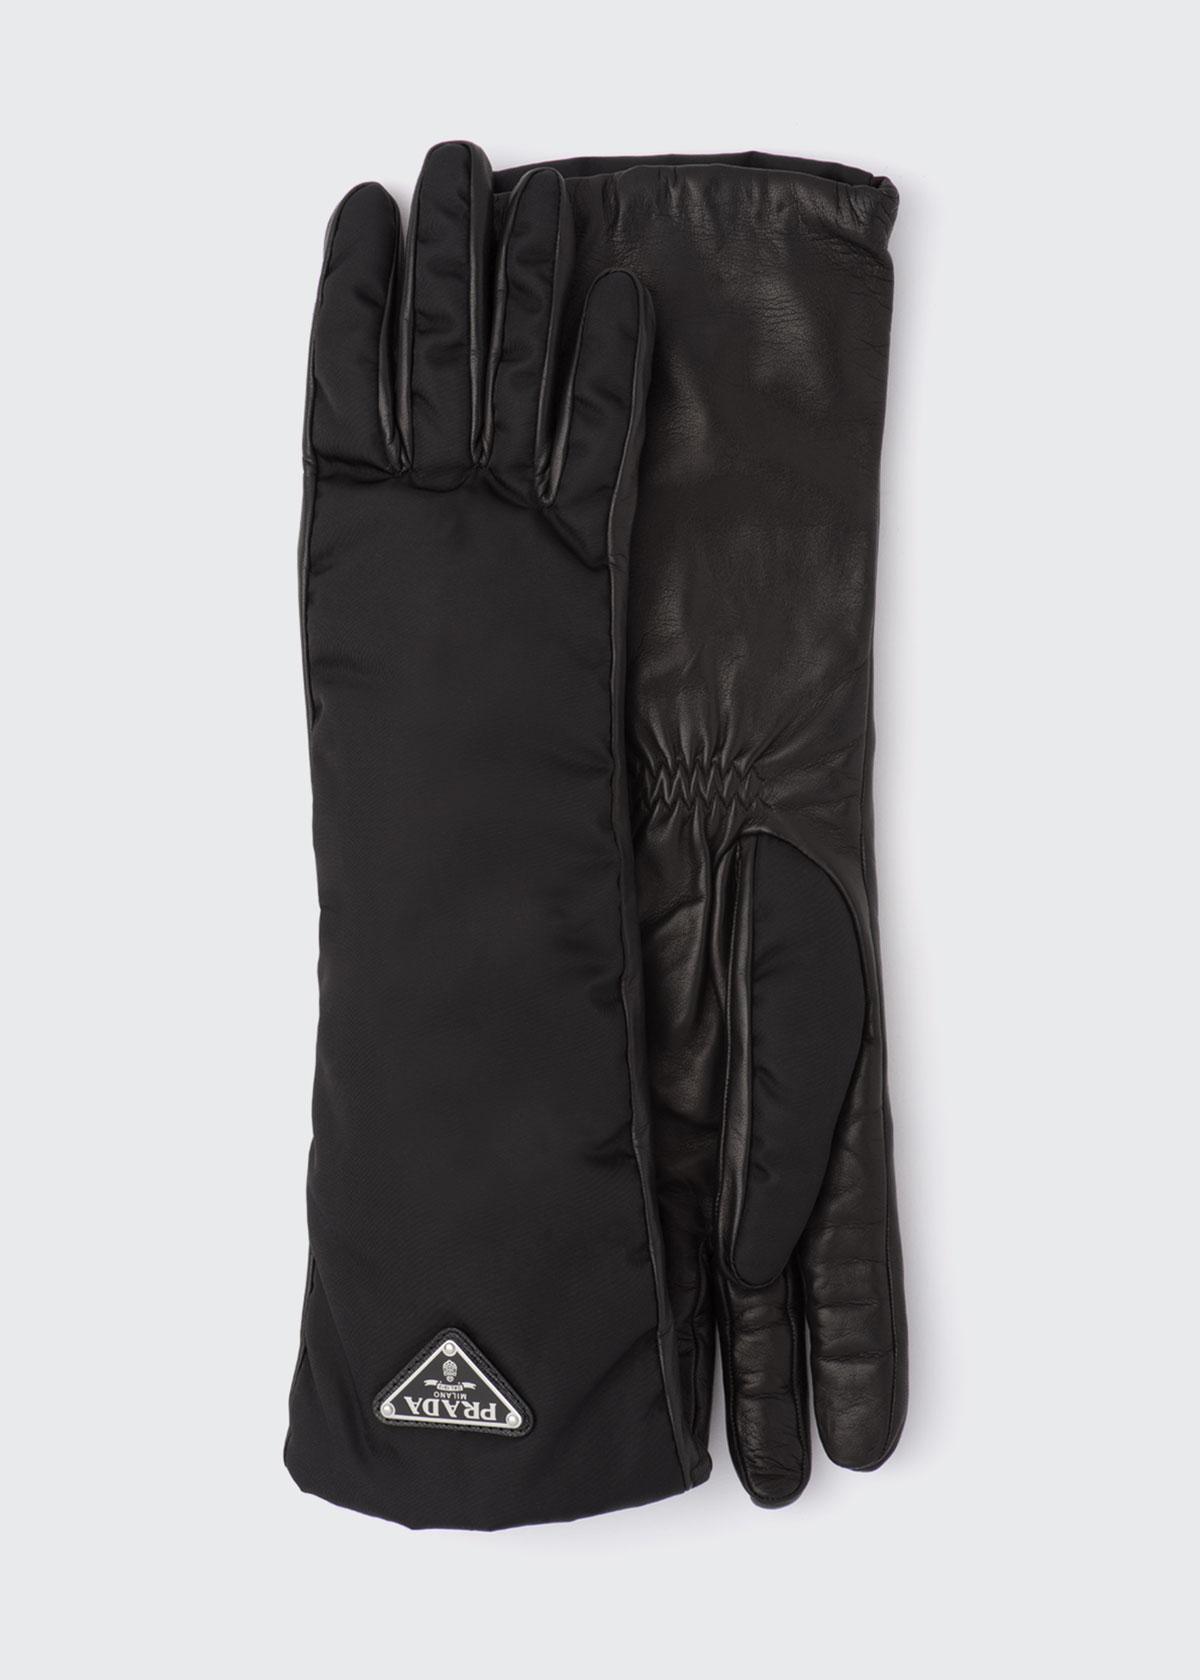 Prada Long Nylon Leather Gloves In Black